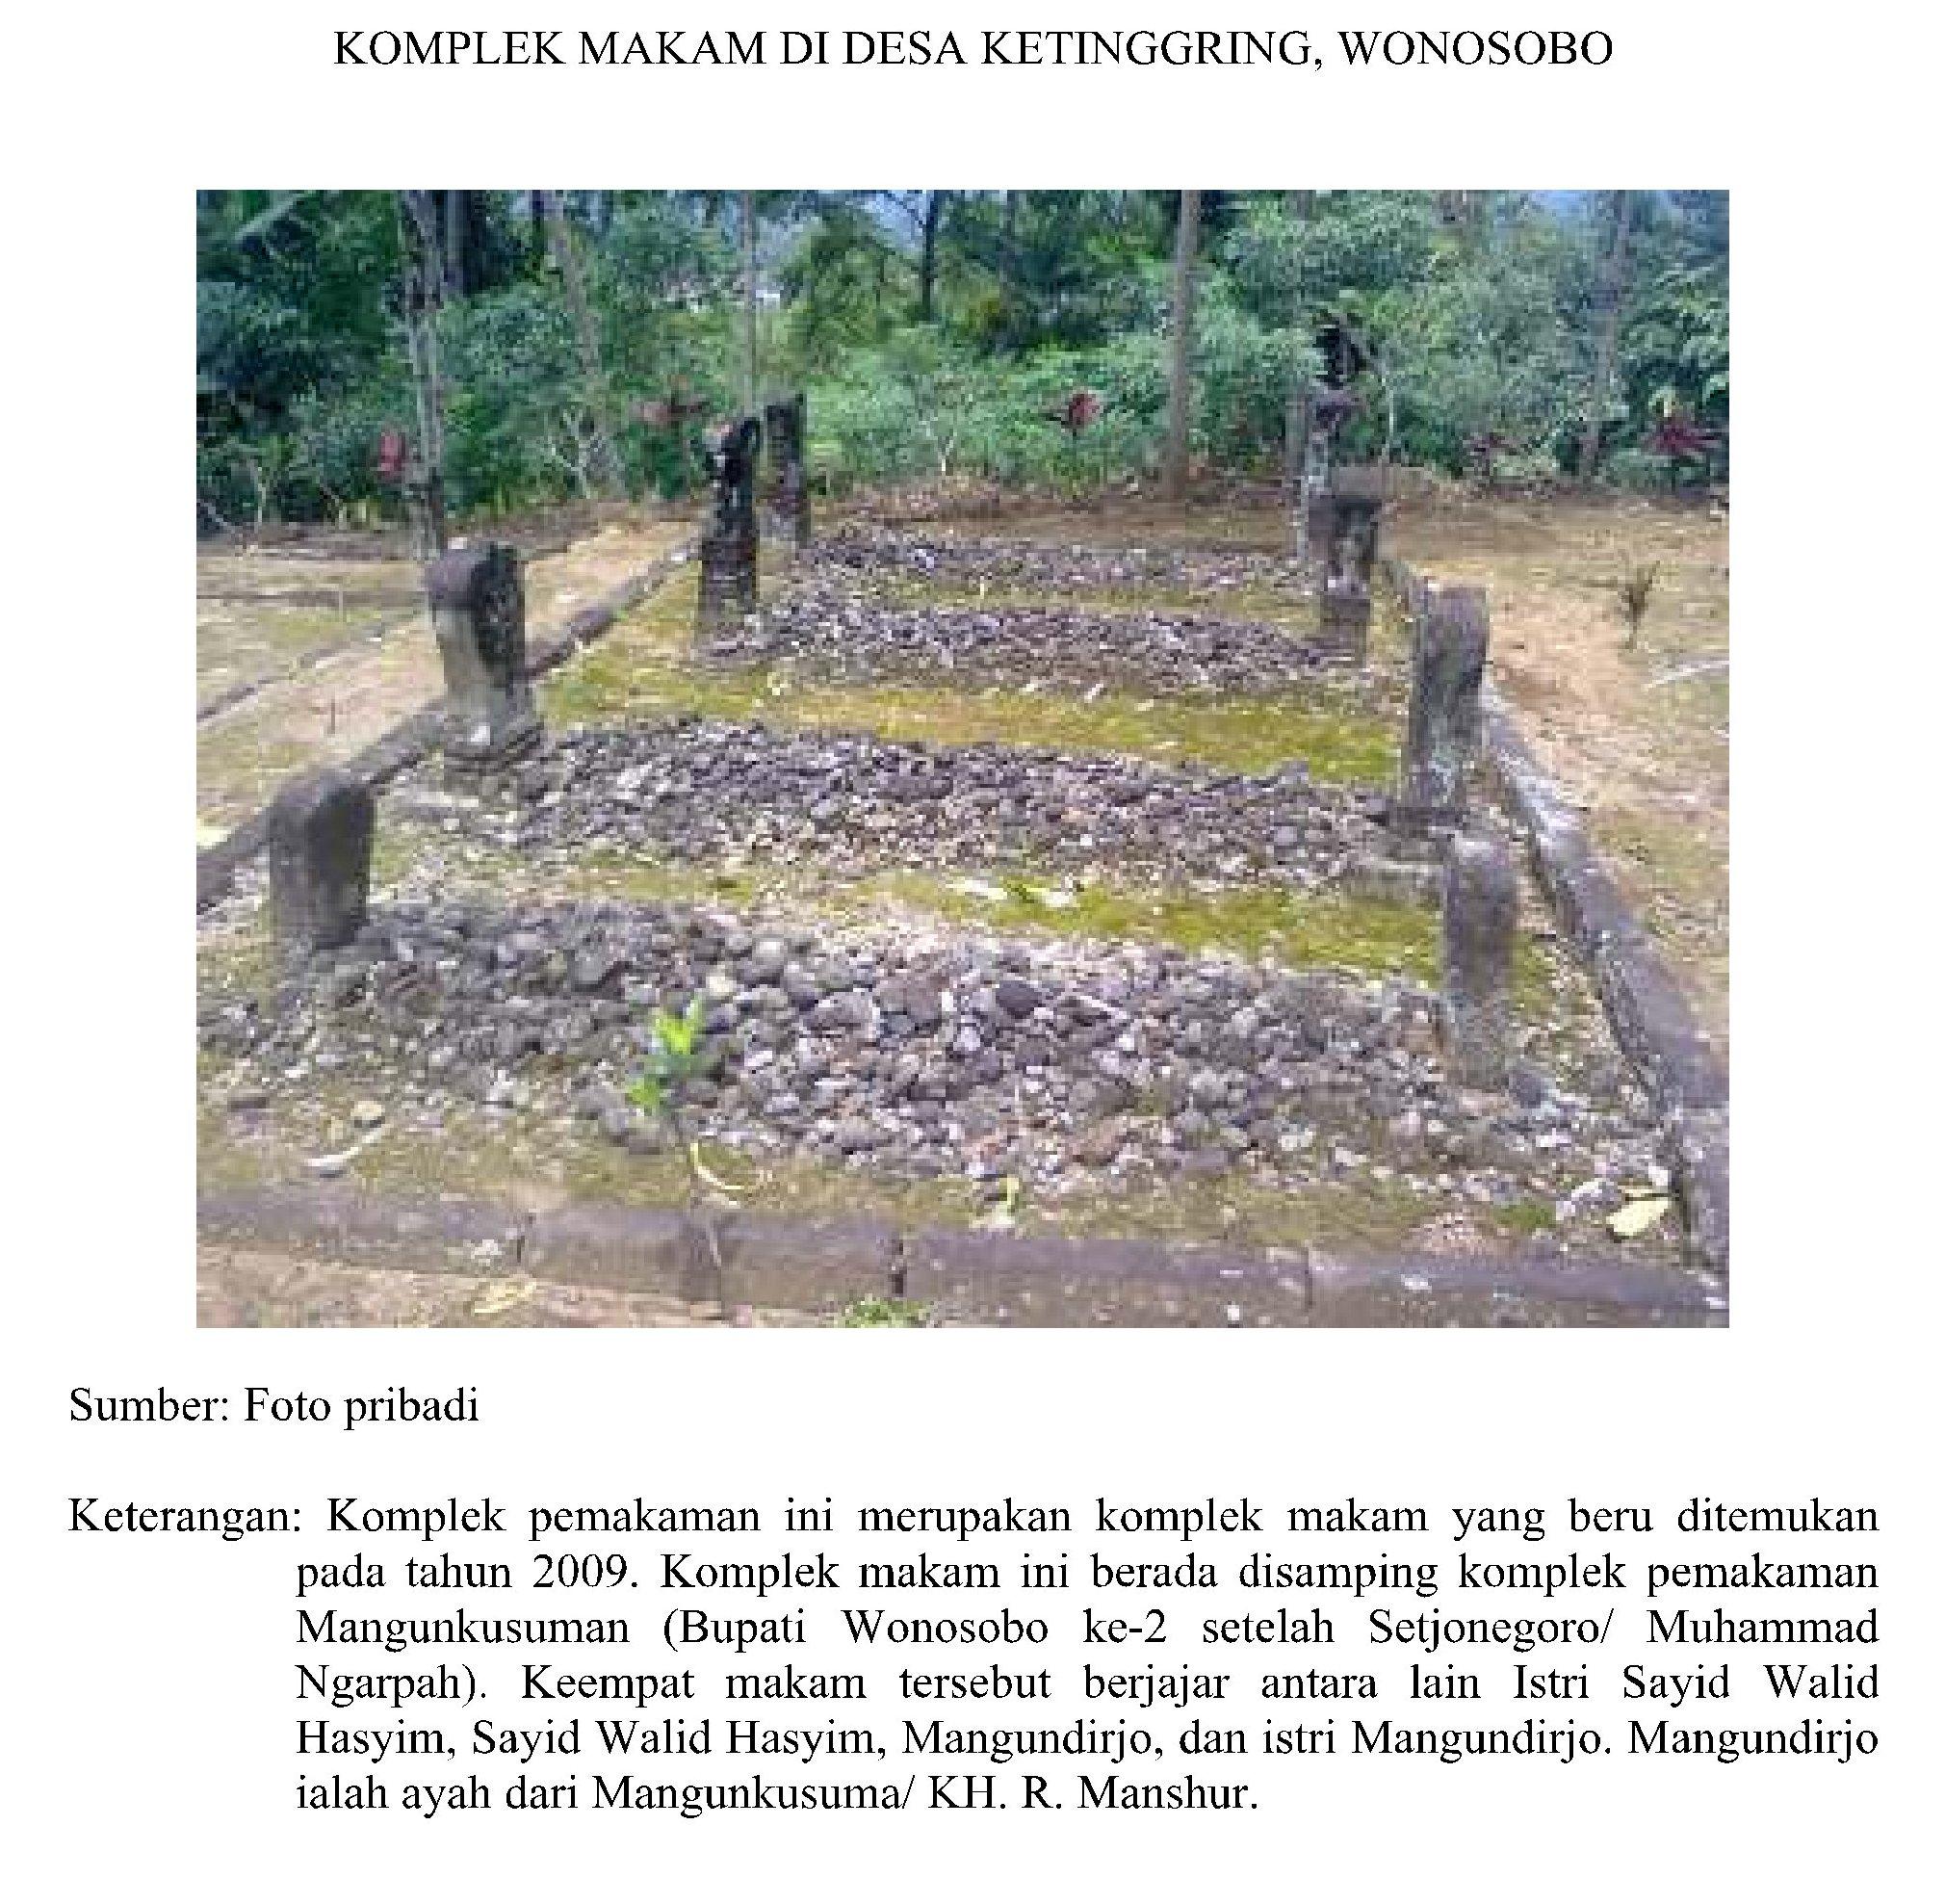 Makam Bupati Wonosobo kedua, Makam Setjonegoro / Muhammad Ngarpah, Istri Sayid Walid Hasyim, Sayyid Walid Hasyim, Mangundirjo, Ayah Mangun Kusuma / KH. R. Mansyur